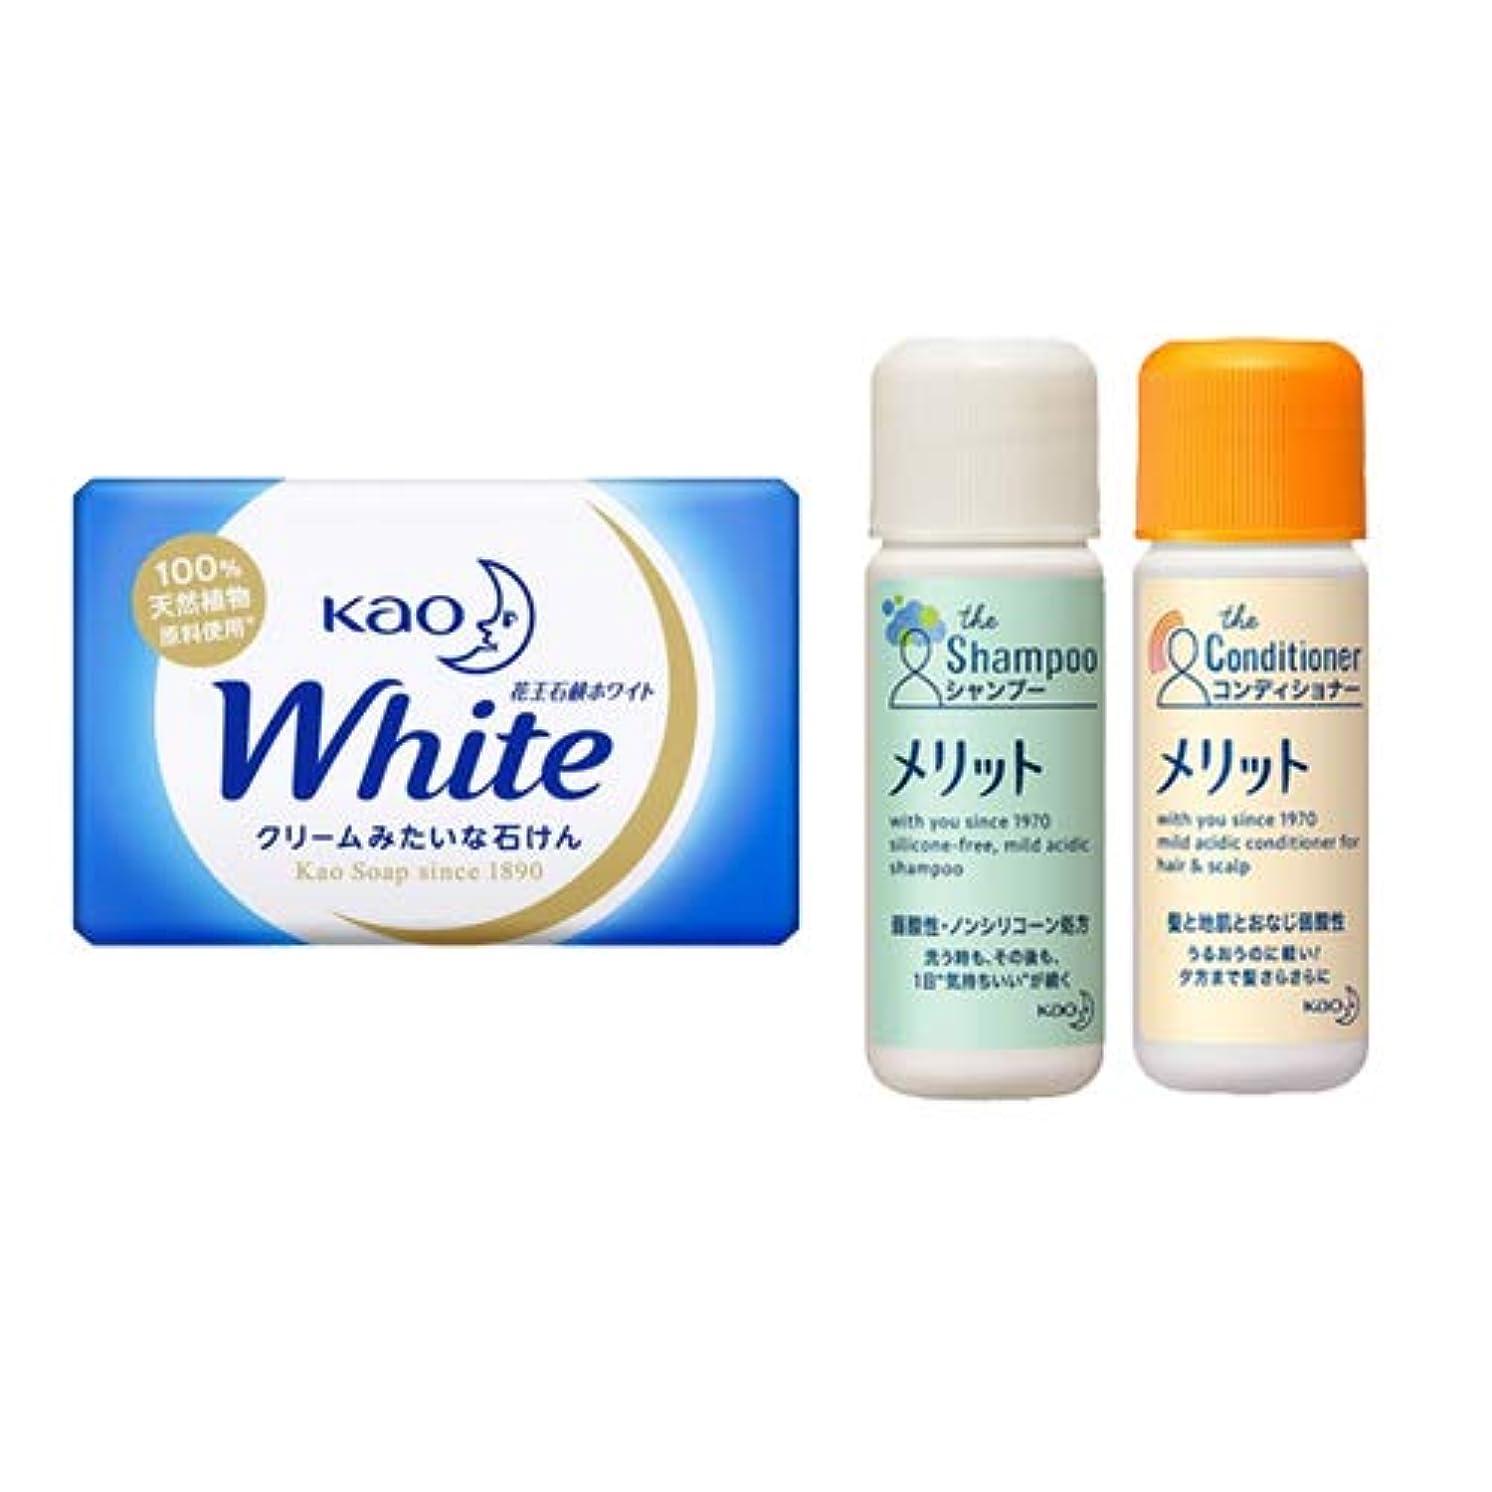 リードステンレス優しい花王(KAO) 石鹸ホワイト(Kao Soap White) 15g + メリットシャンプー 16ml + リンス 16ml セット